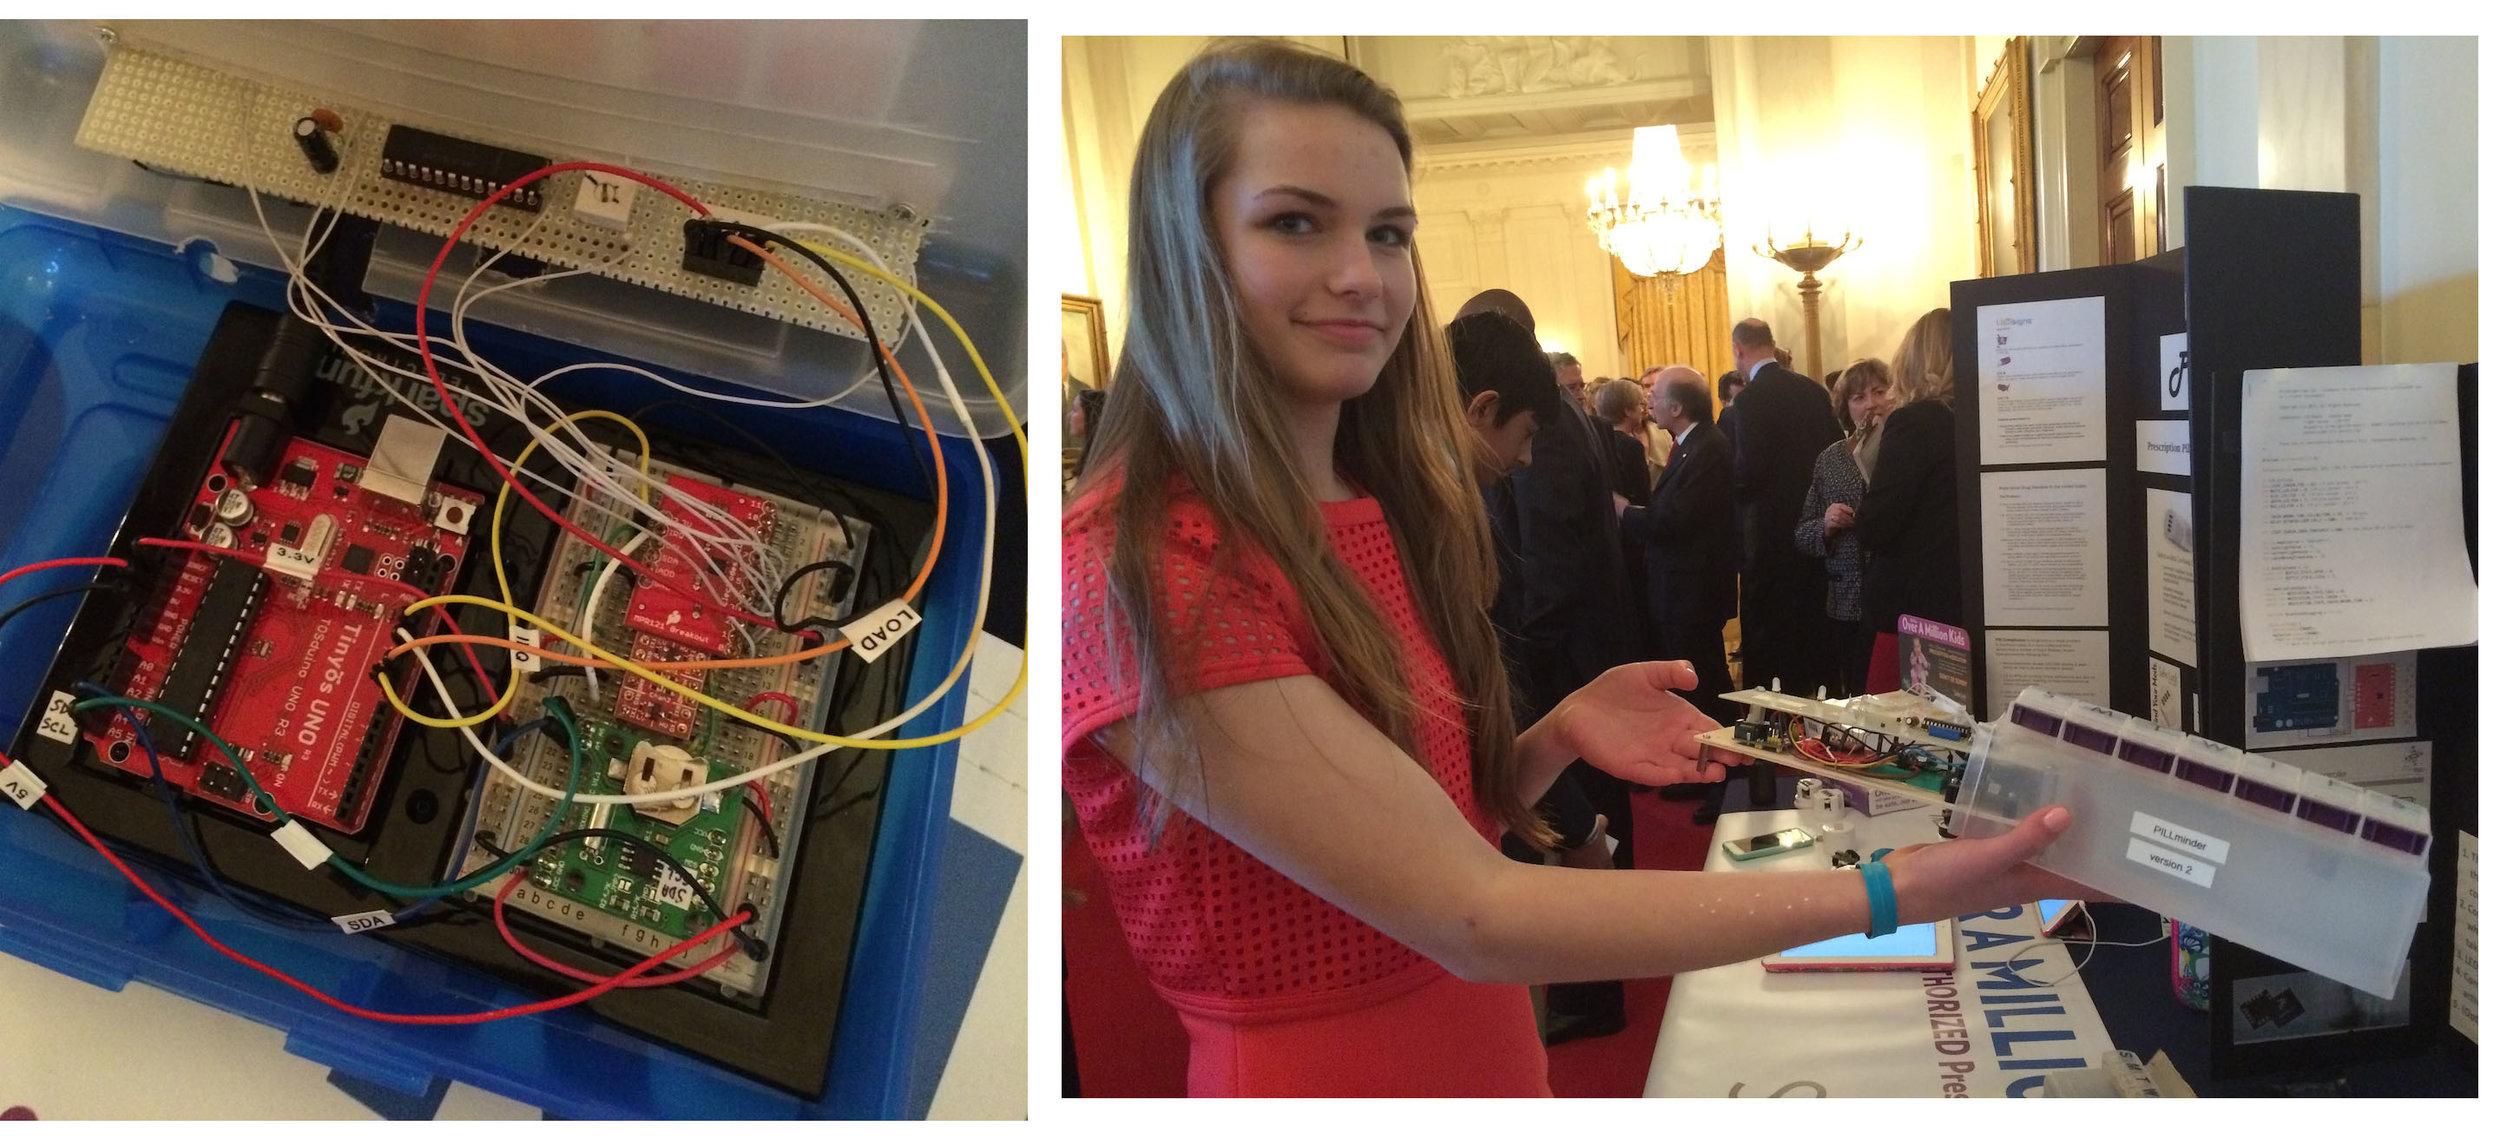 Lilianna Zyszkowski exhibits her PillMinder prototypes